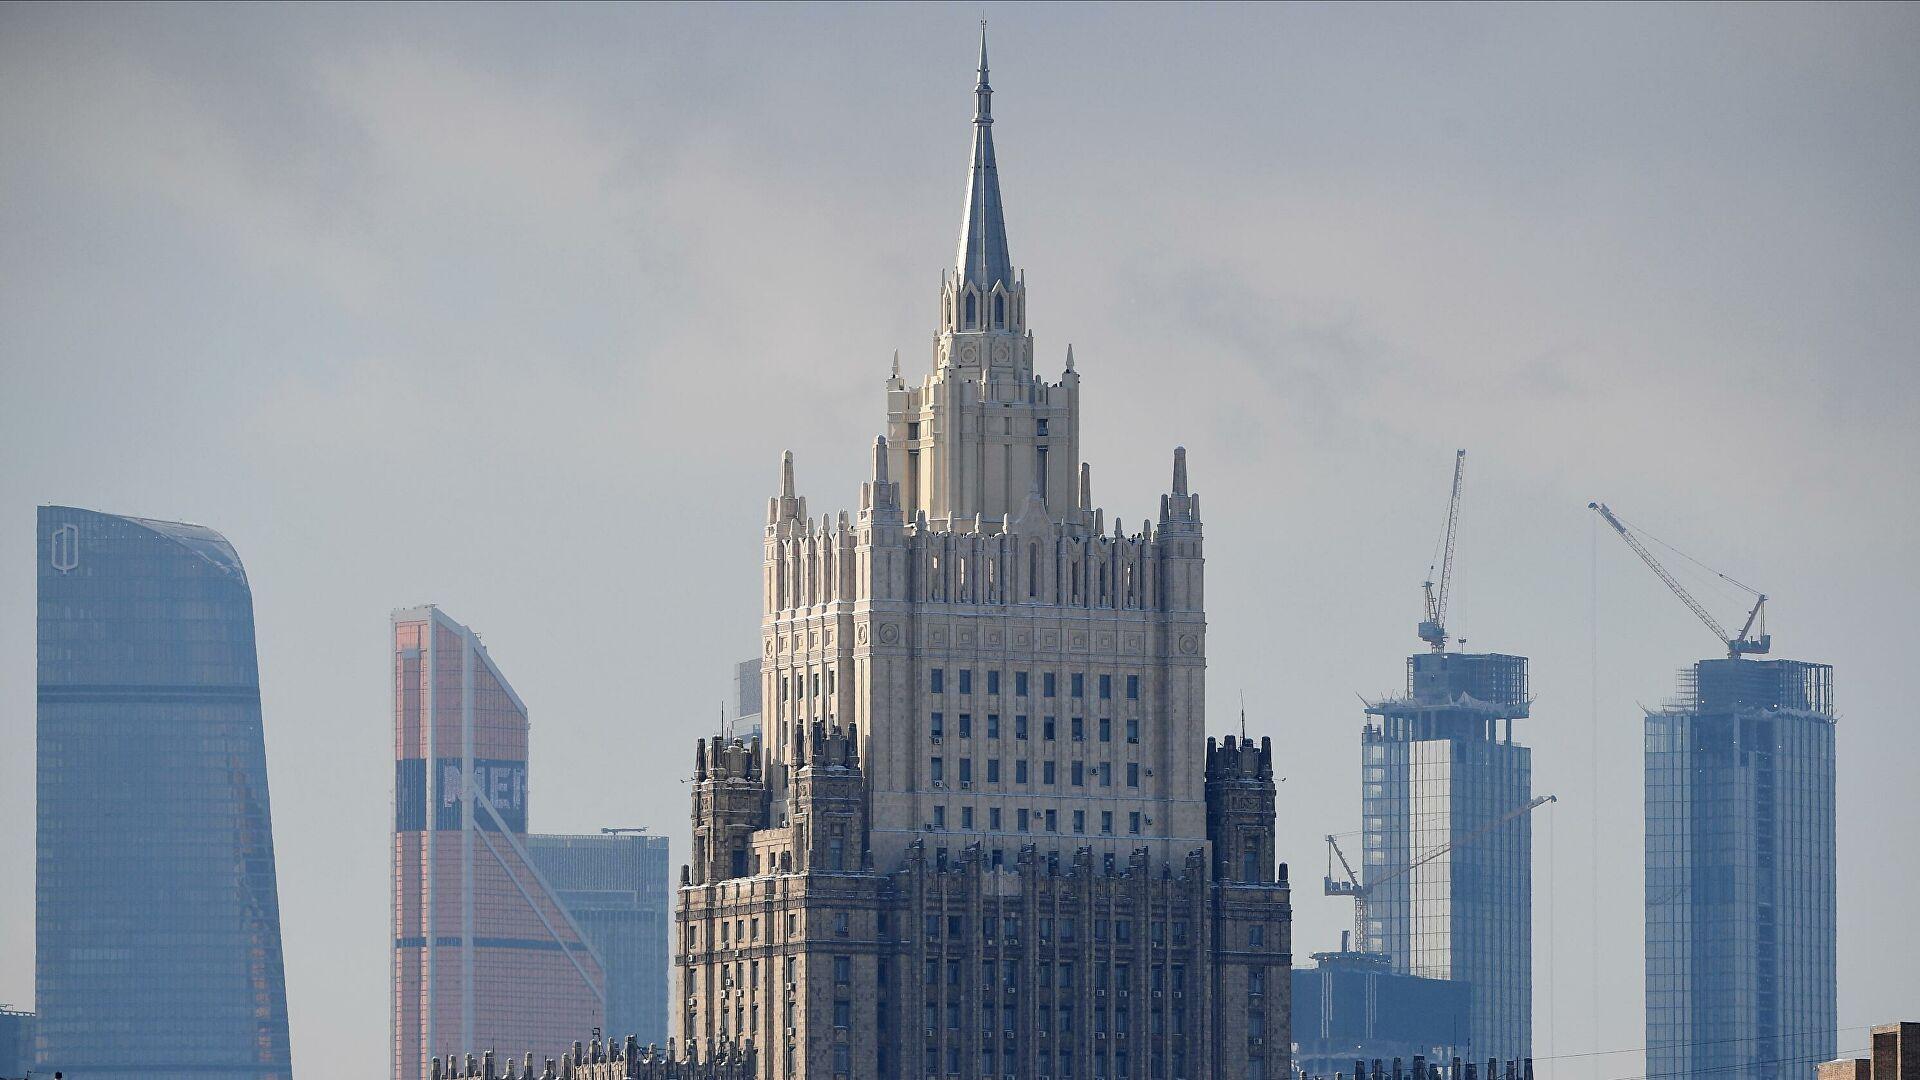 МИД РФ вручил временному поверенному в делах Украины ноту протеста